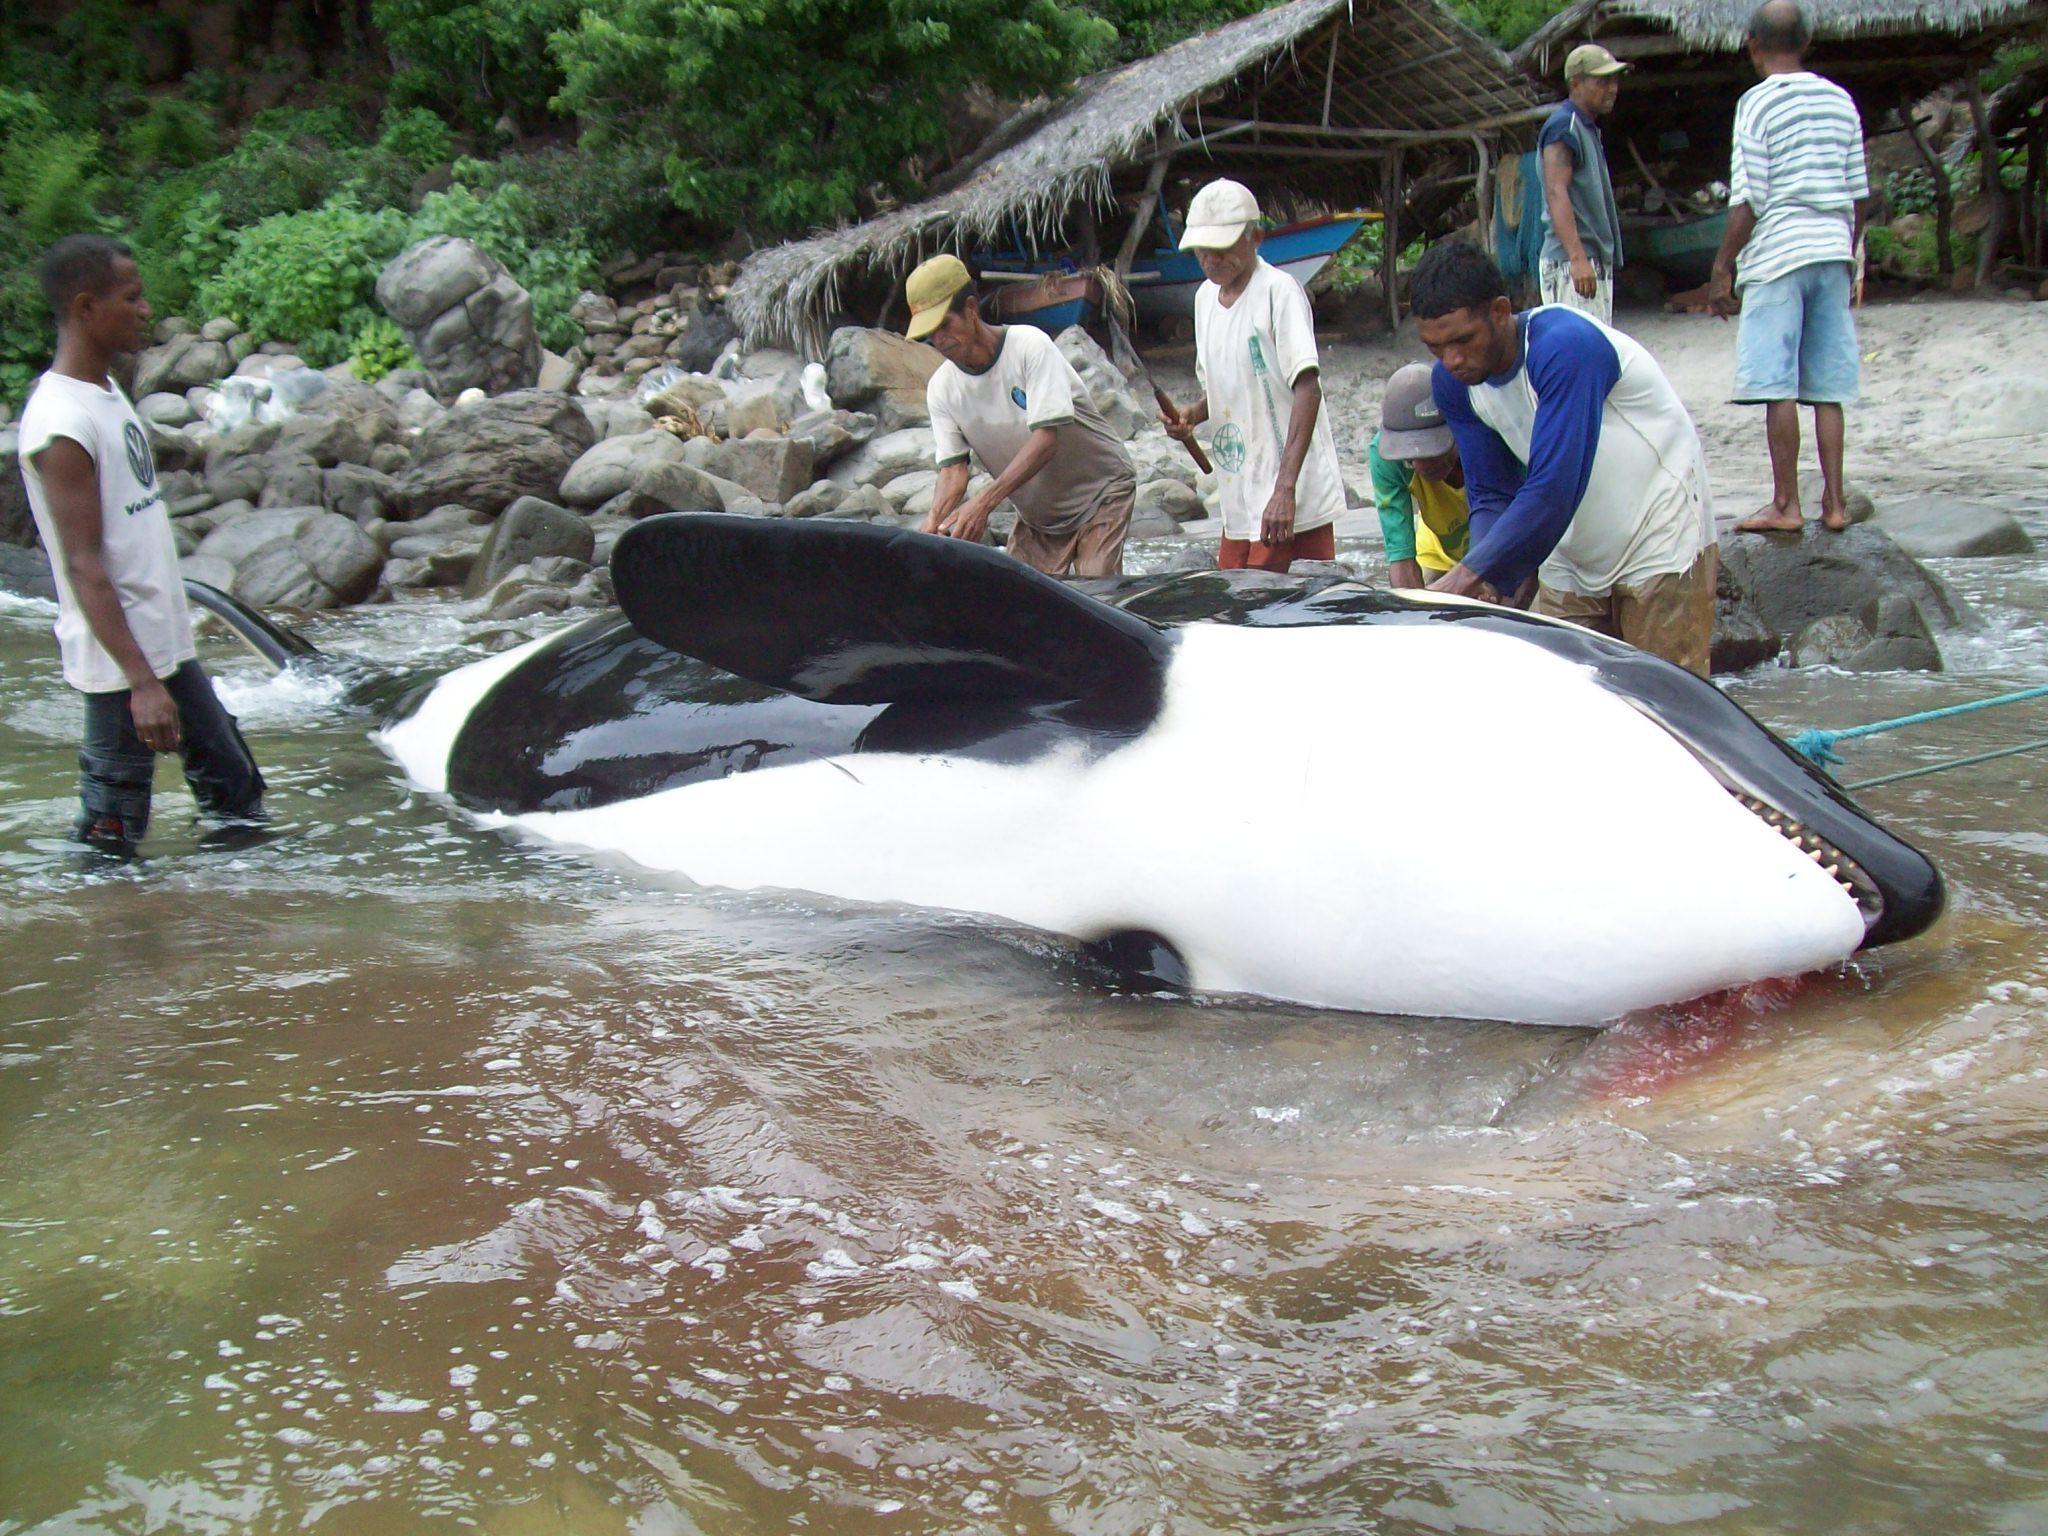 ICYMI: Progress in Indonesia! https://t.co/0SCE6ueUhl #DolphinProject https://t.co/VIGb95d9Mr